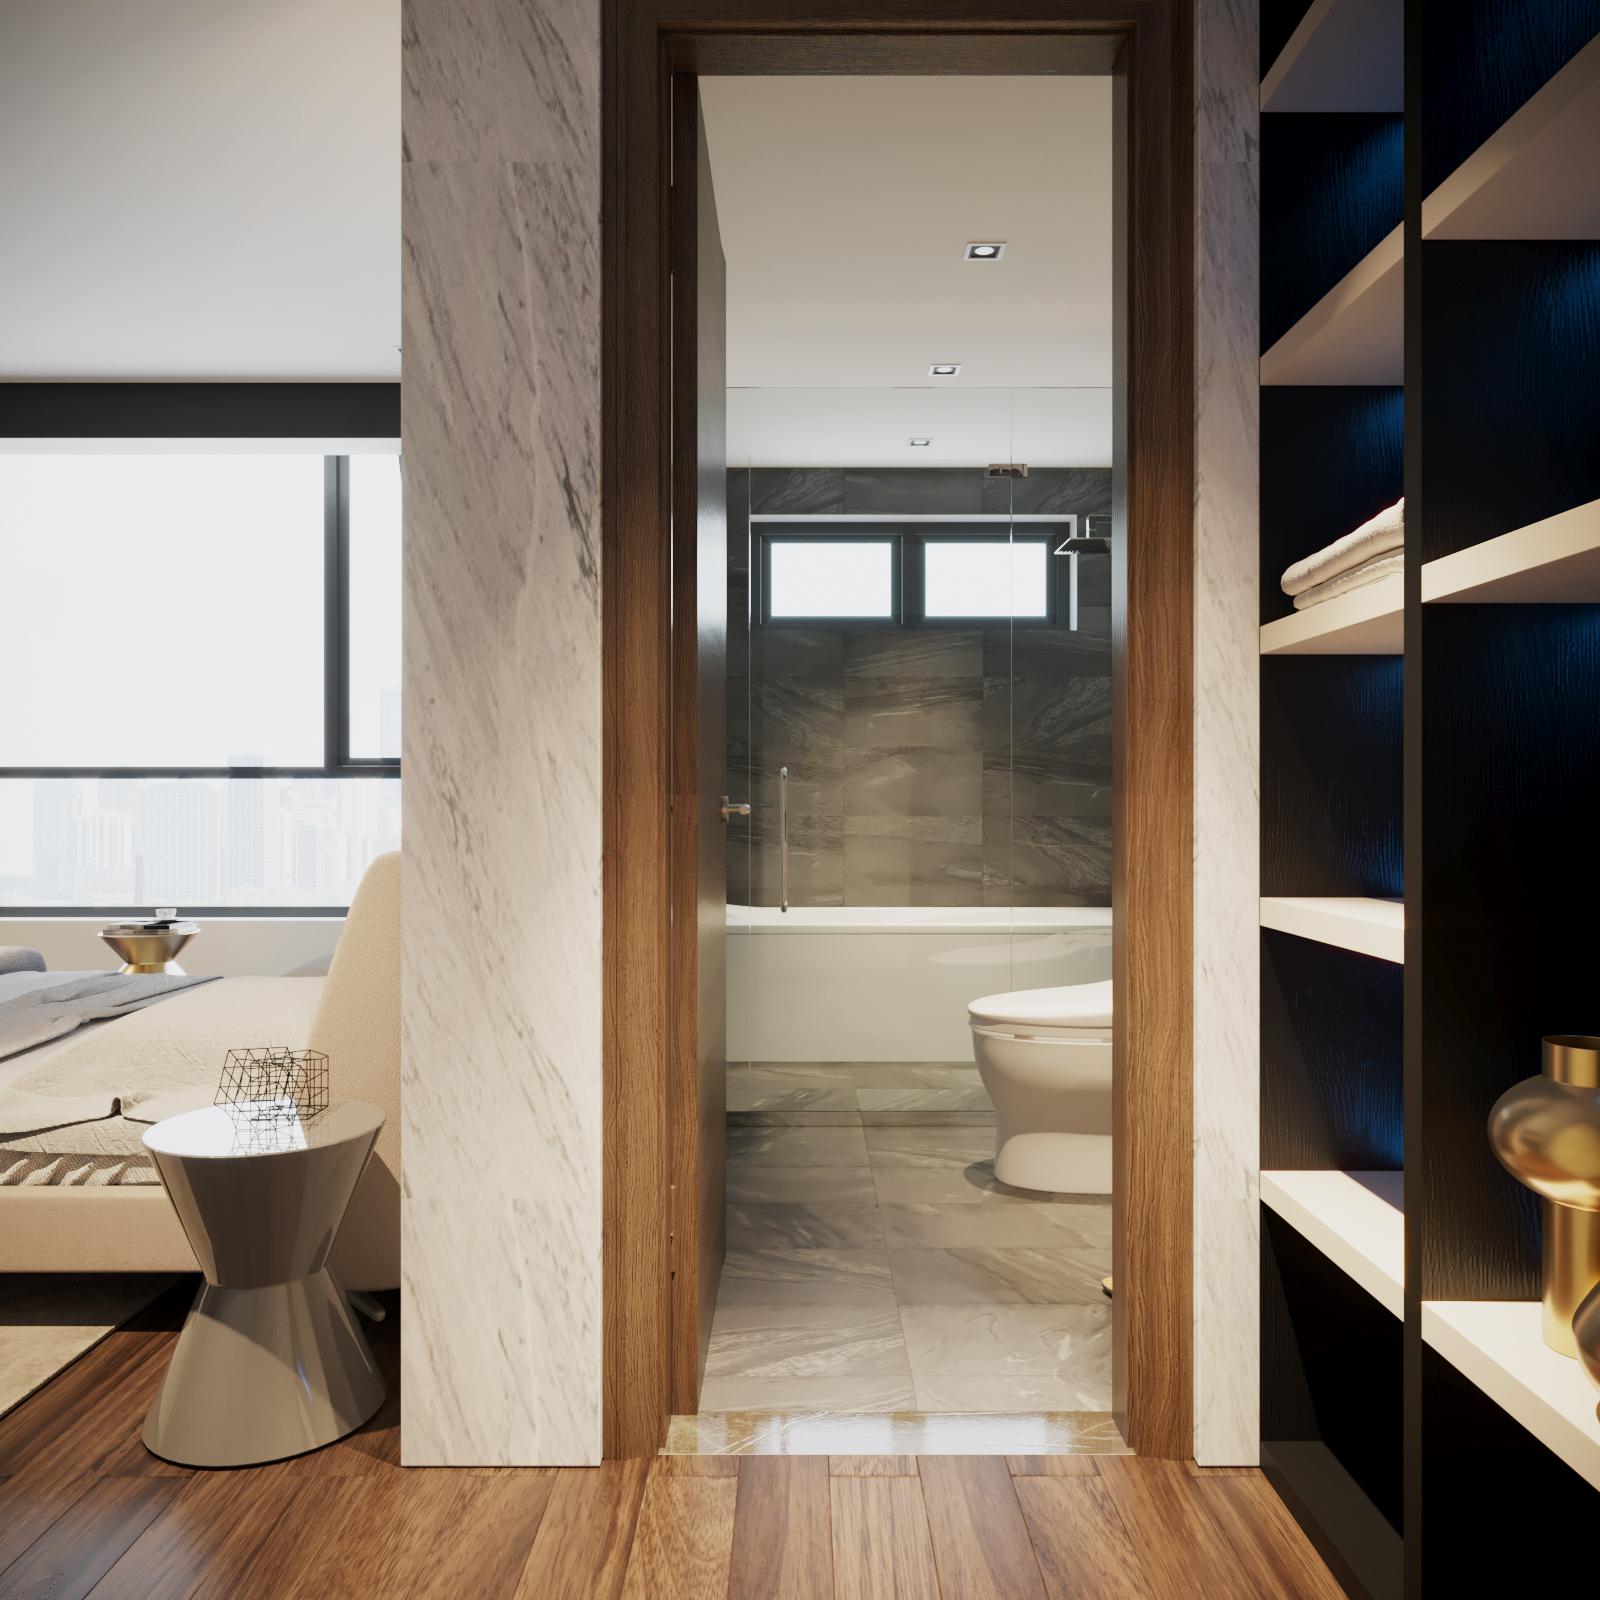 thiết kế nội thất chung cư tại Hà Nội VINCOM NGUYEN CHI THANH - APARTMENT 16 1533622270